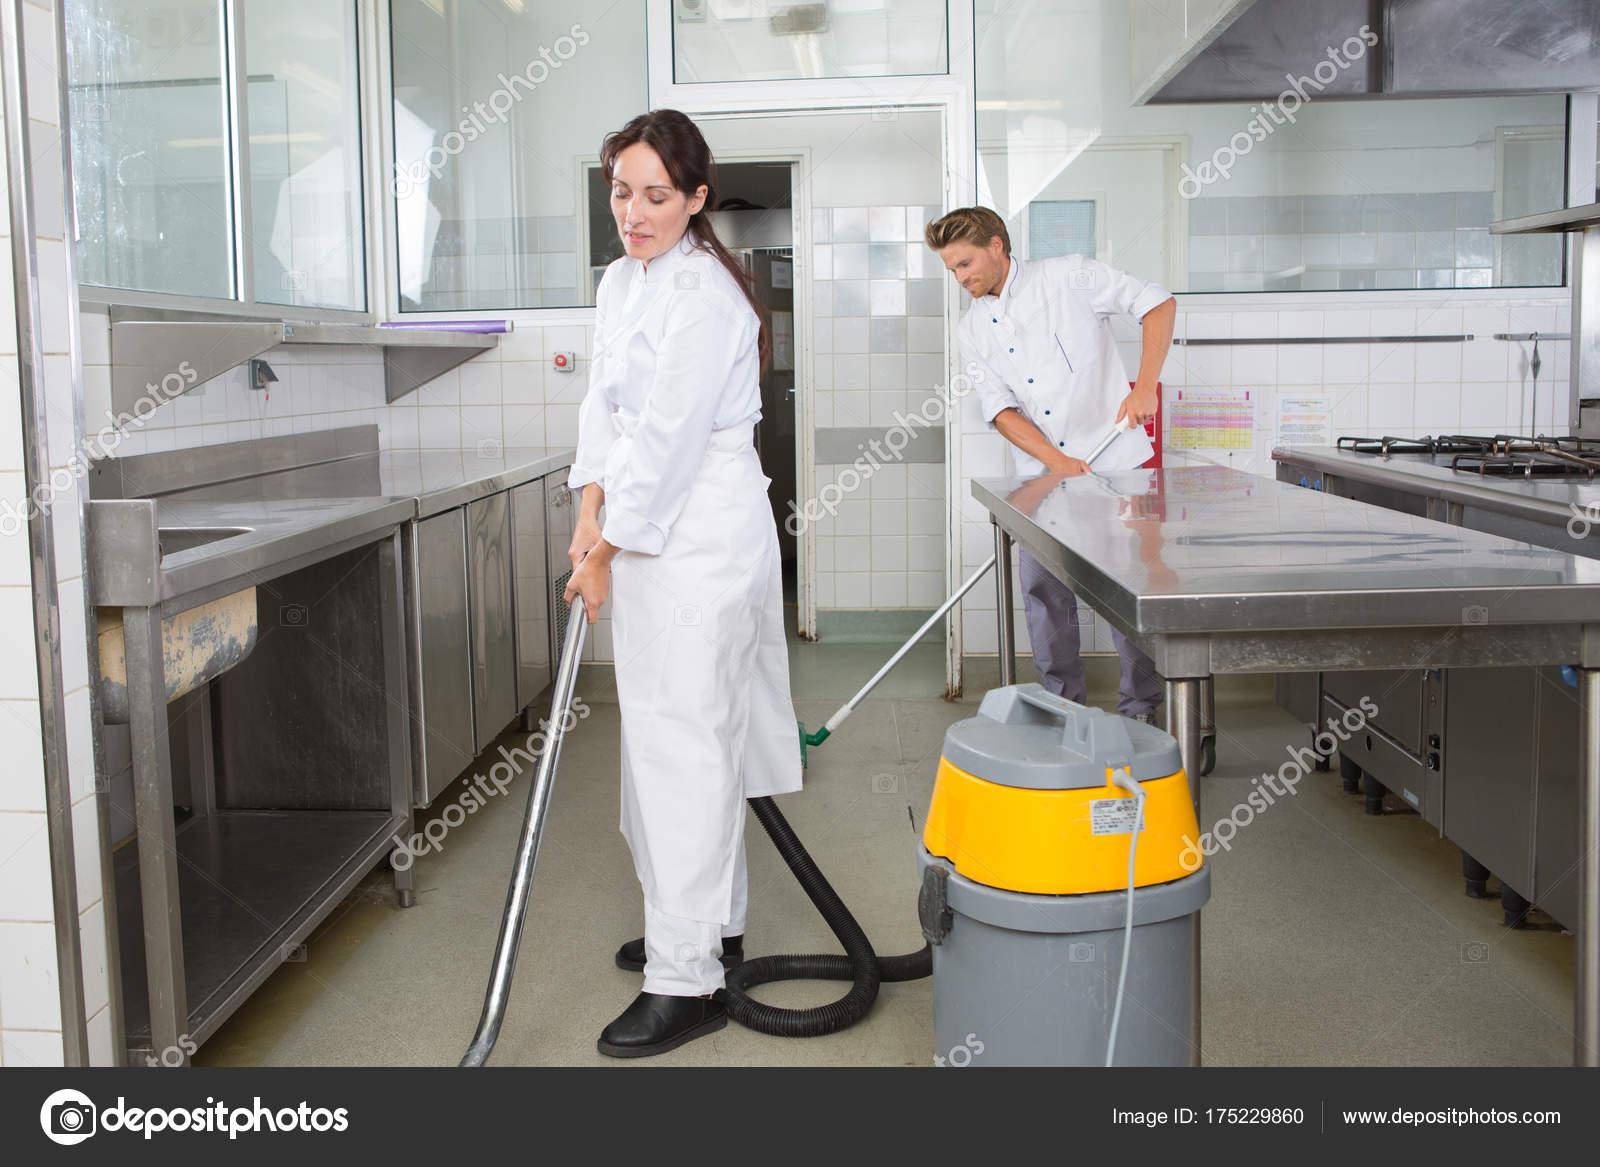 Paar Reinigung Oberflachen In Der Kuche Und Schranke Zusammen